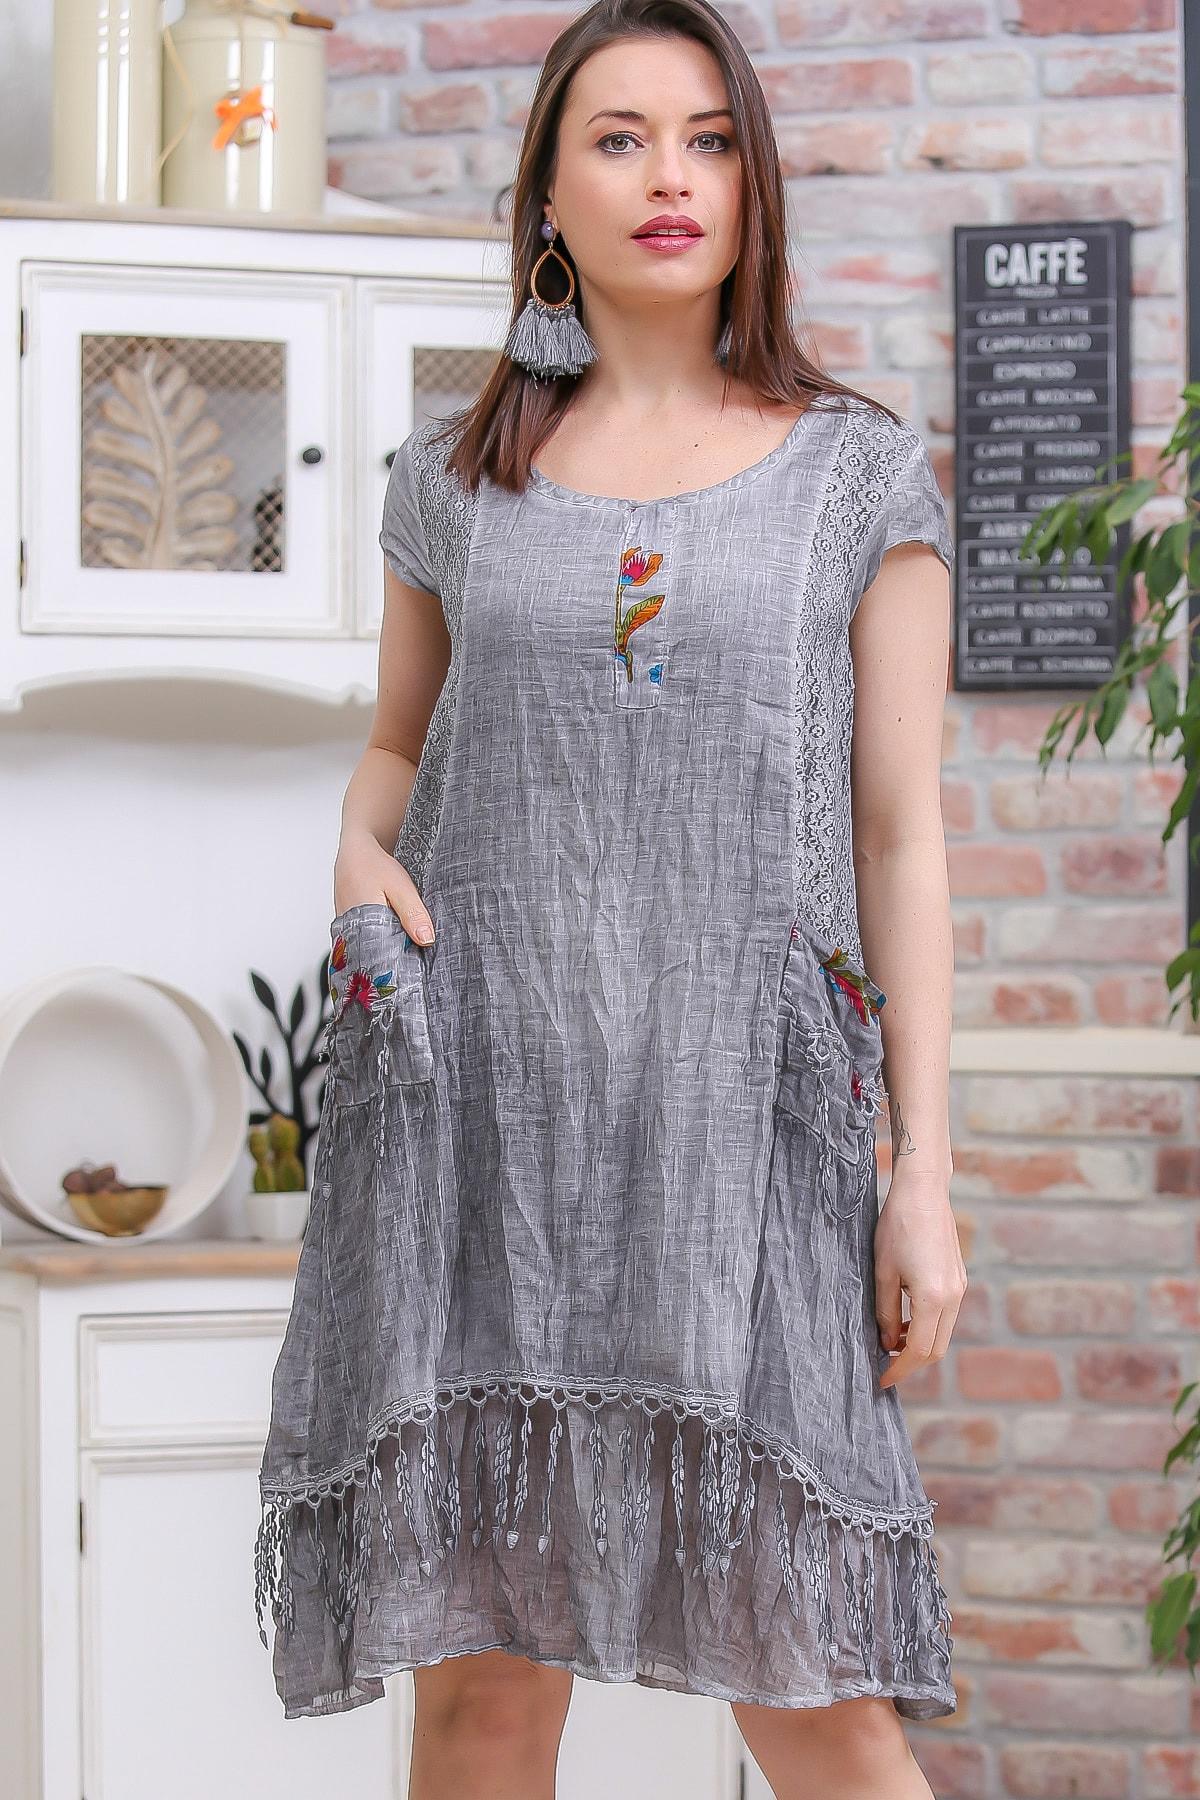 Chiccy Kadın Gri Bohem Cep Detaylı Etek Ucu Saçaklı Yıkamalı Astarlı Elbise M10160000EL96957